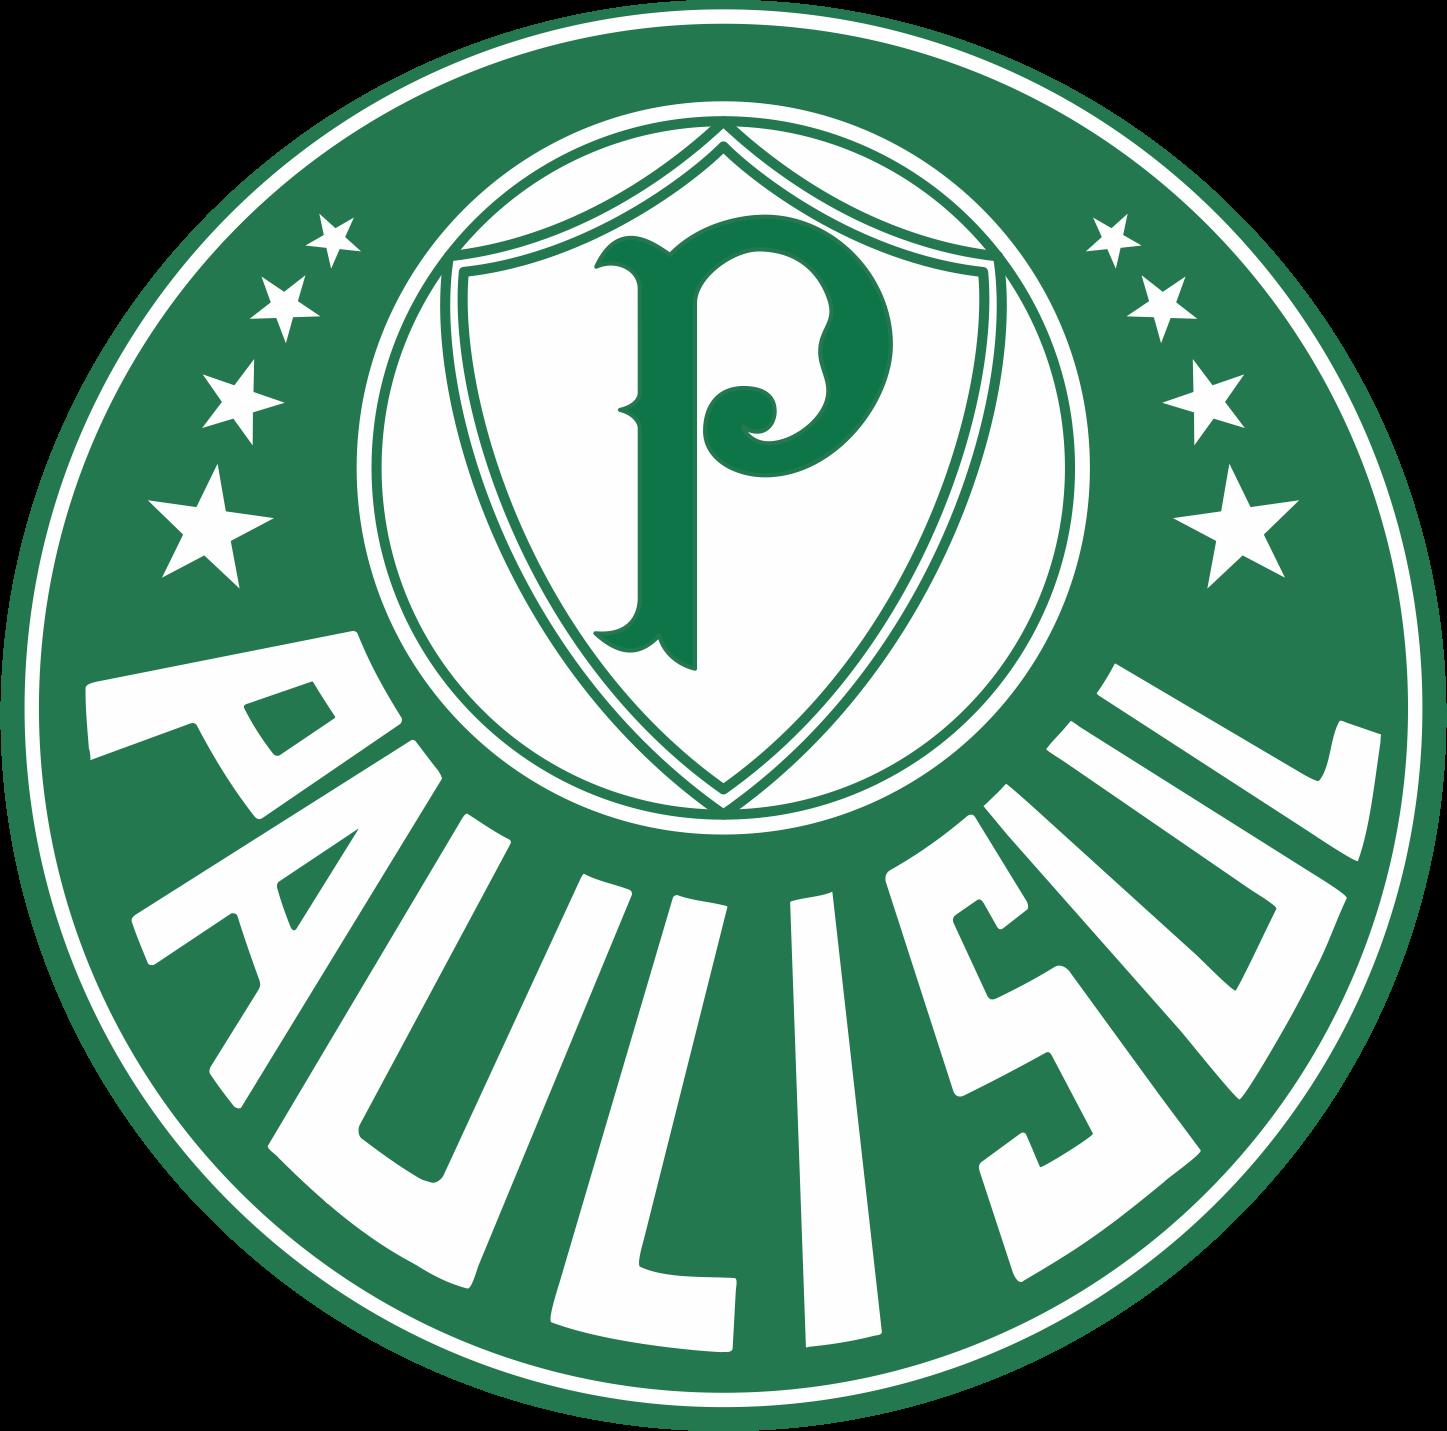 PAULISUL